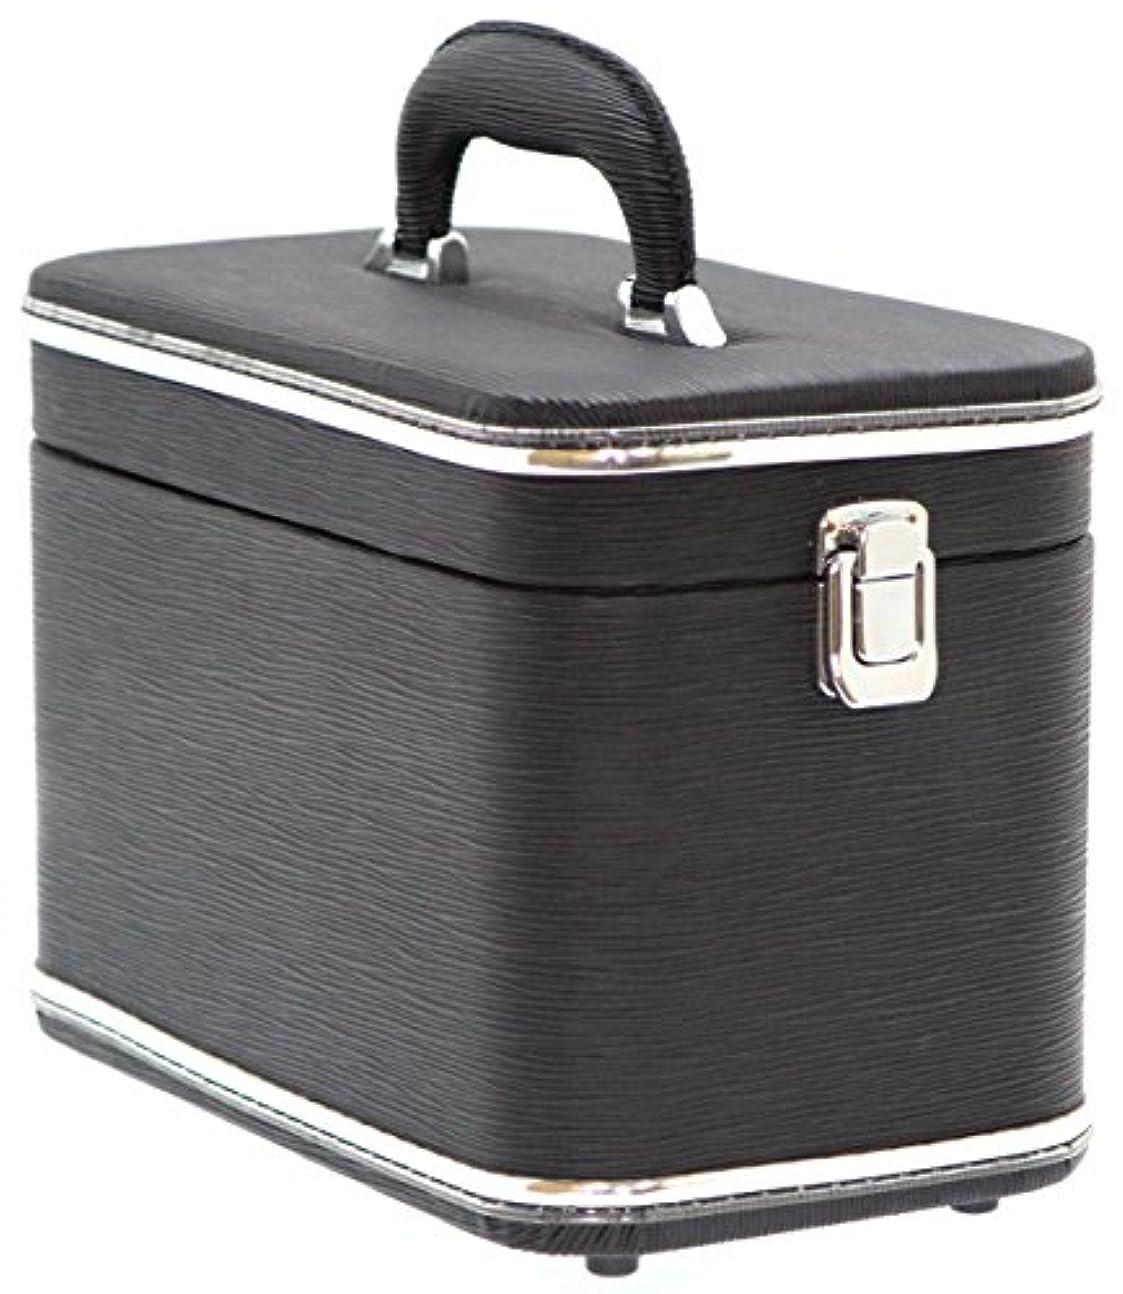 例ドロップ移動するエピ調水絞縦型トレンチケース ブラック 鍵無 6489-01